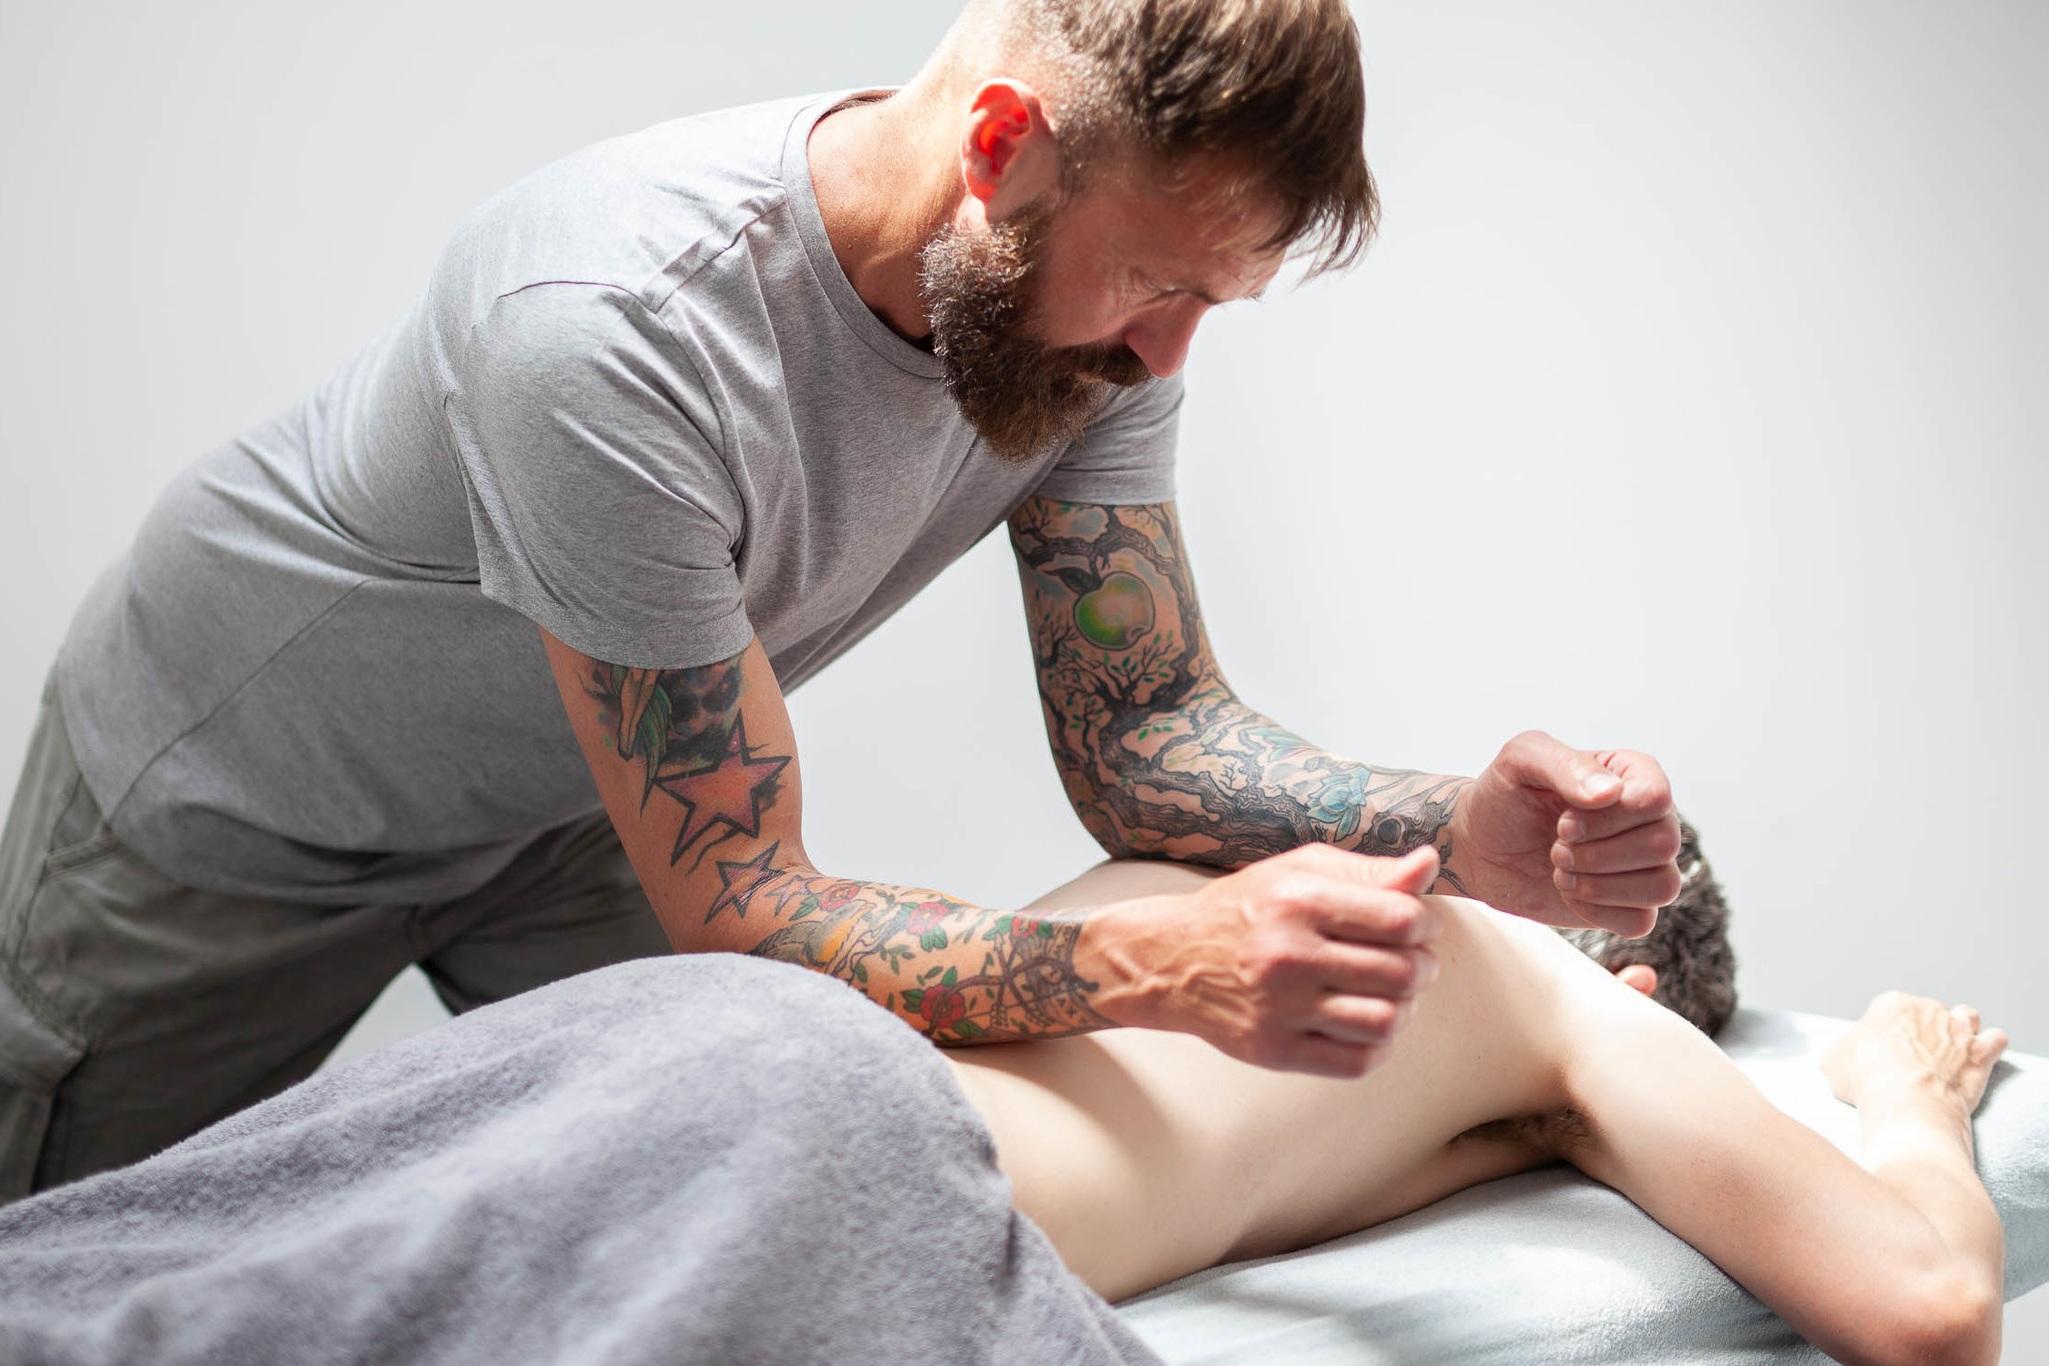 %C2%A9natashabidgood-lisa-massage-6750.jpg